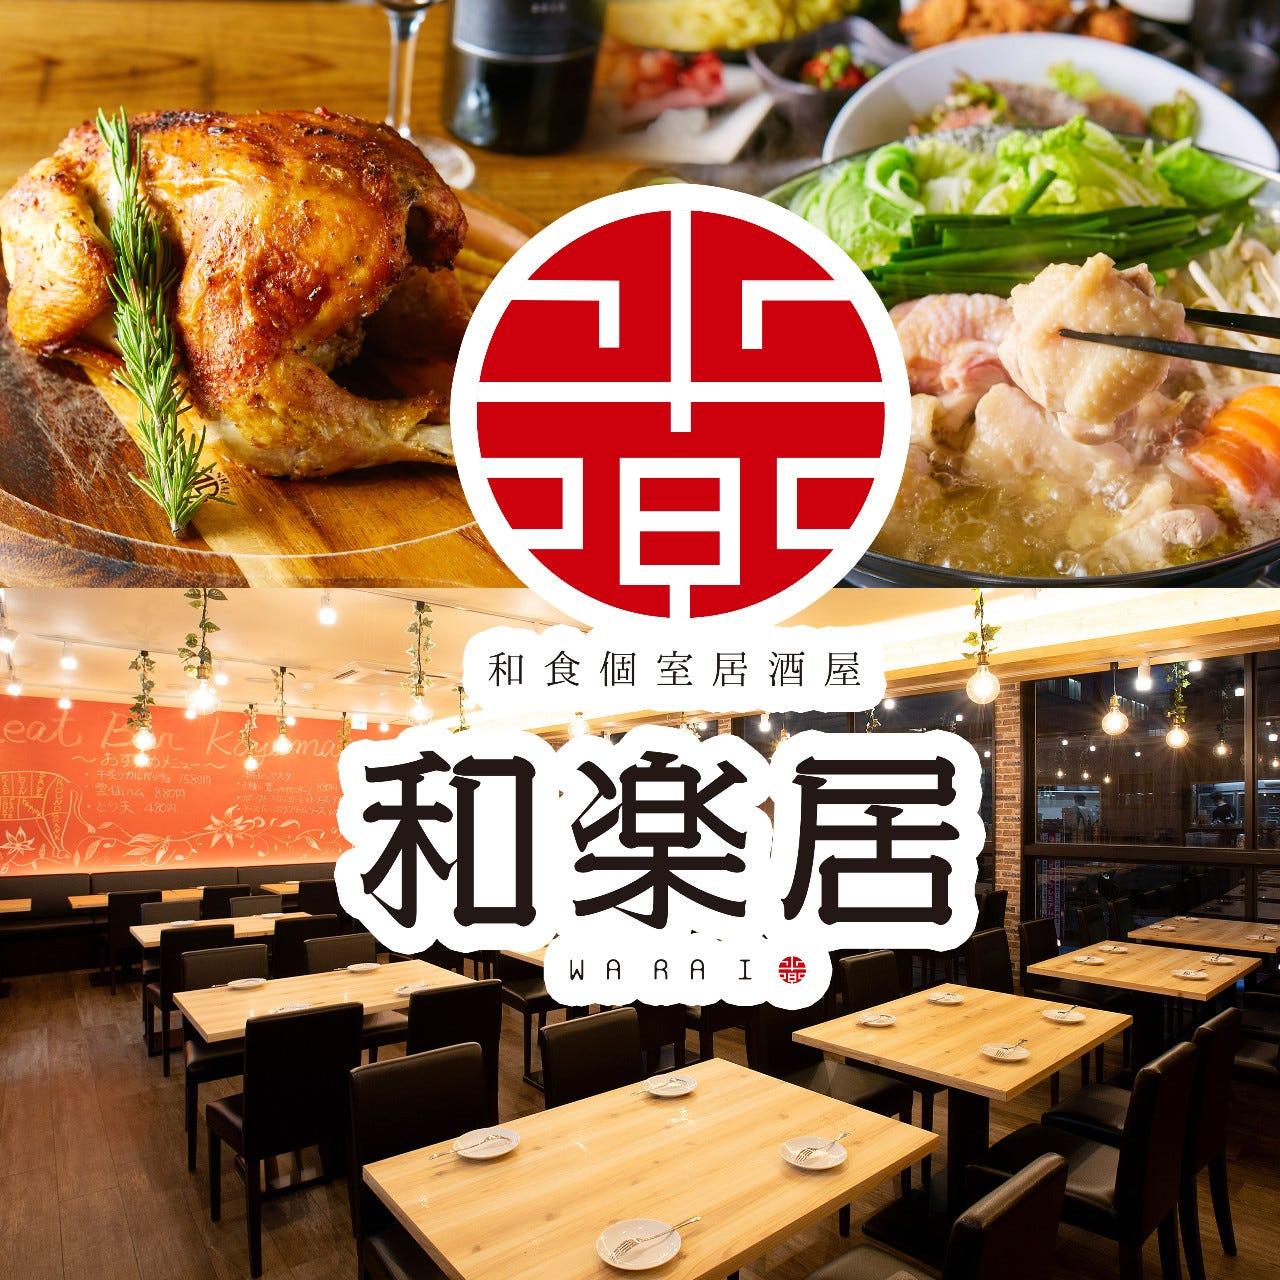 食べ飲み放題×和食居酒屋 和楽居(わらい) 天文館店